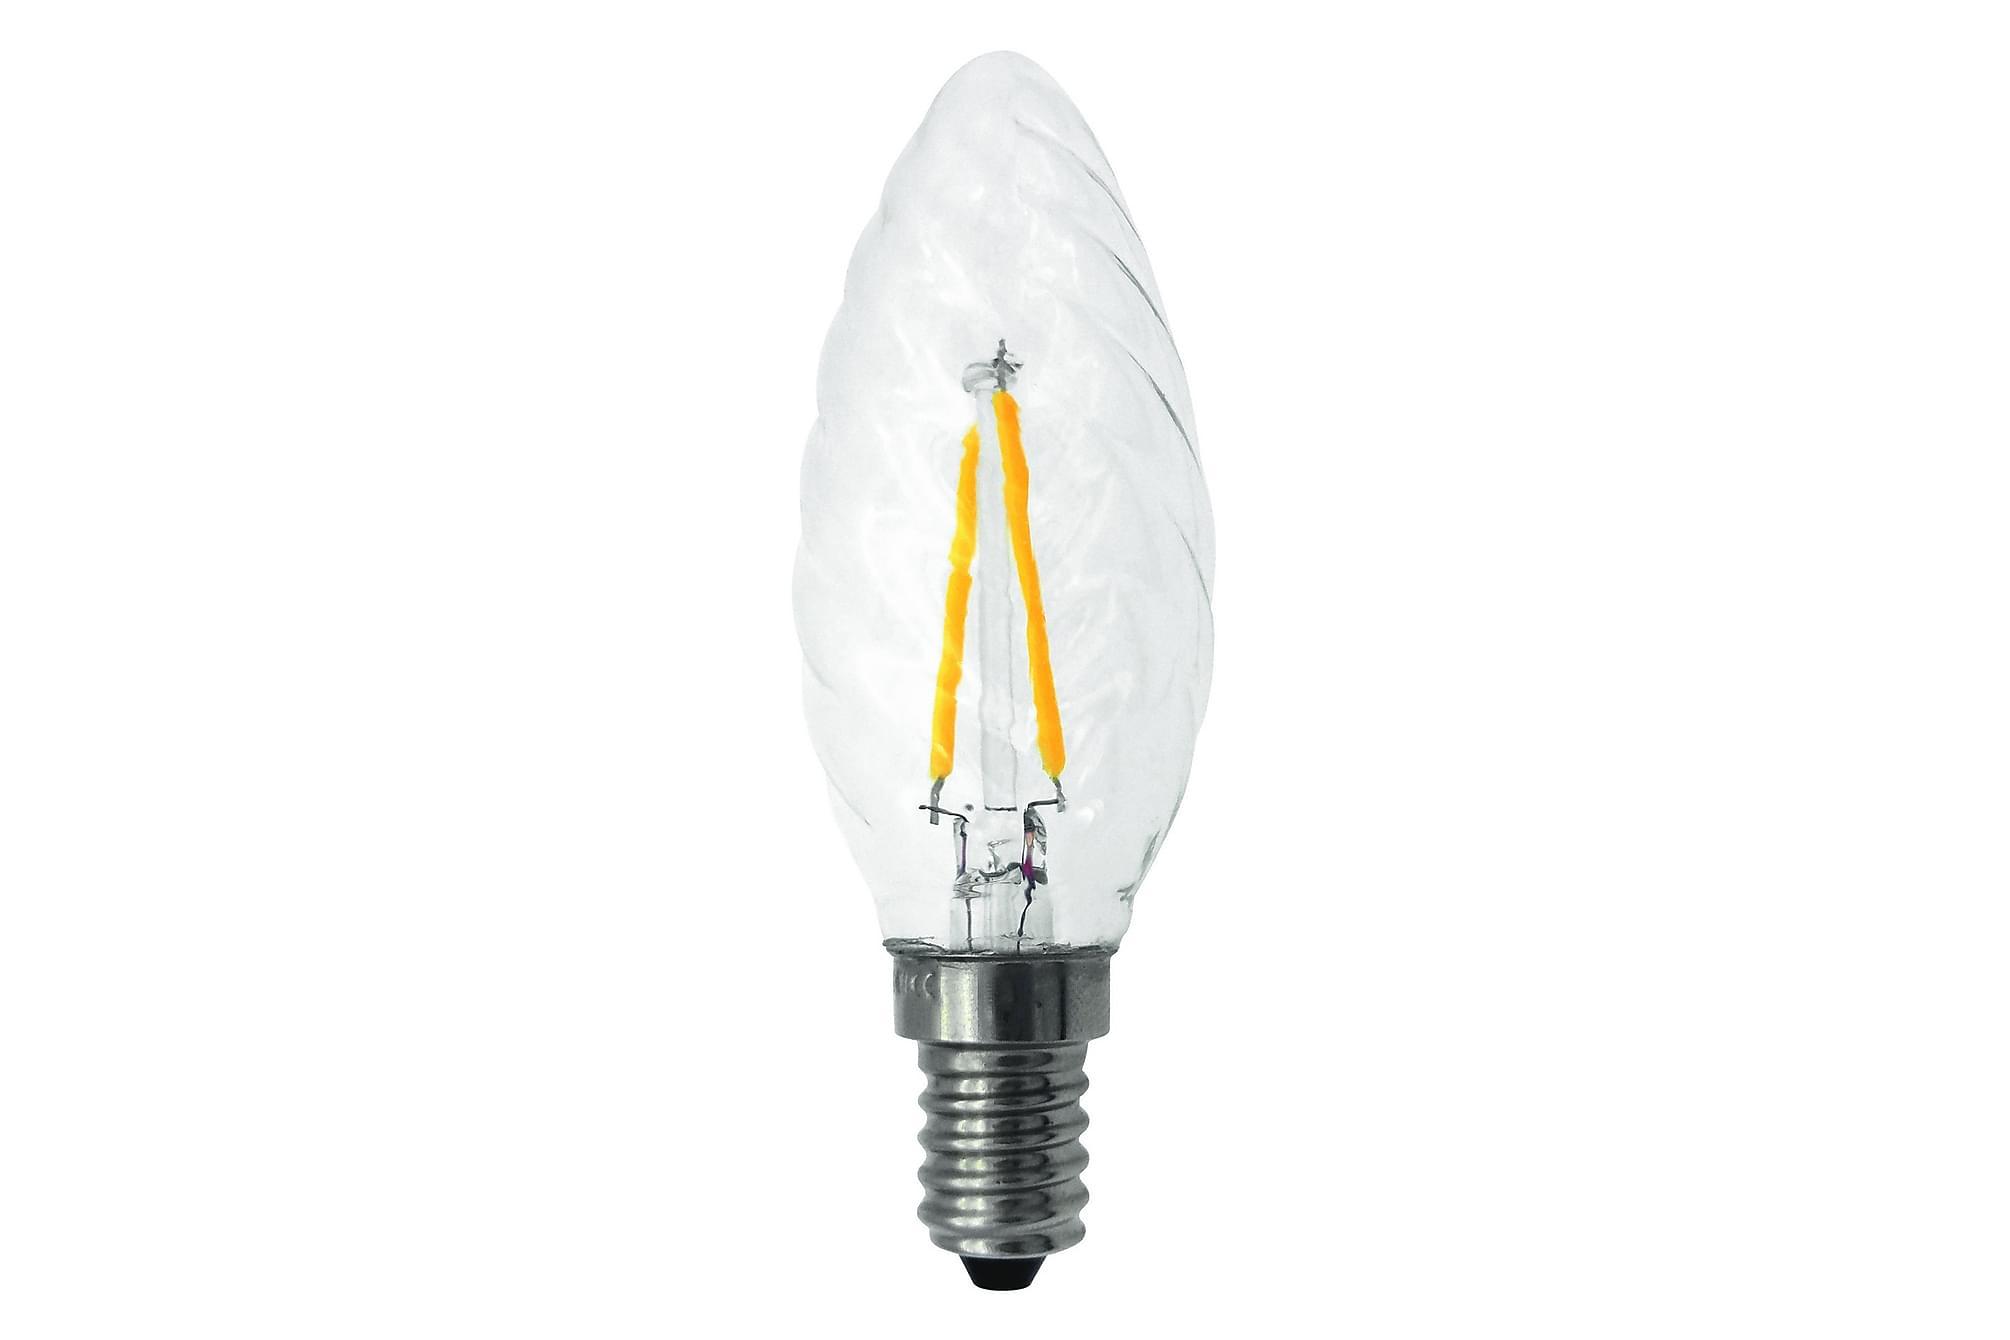 JUNG LED-lampa 3,6W E14 Dim Filament, Glödlampor & ljuskällor